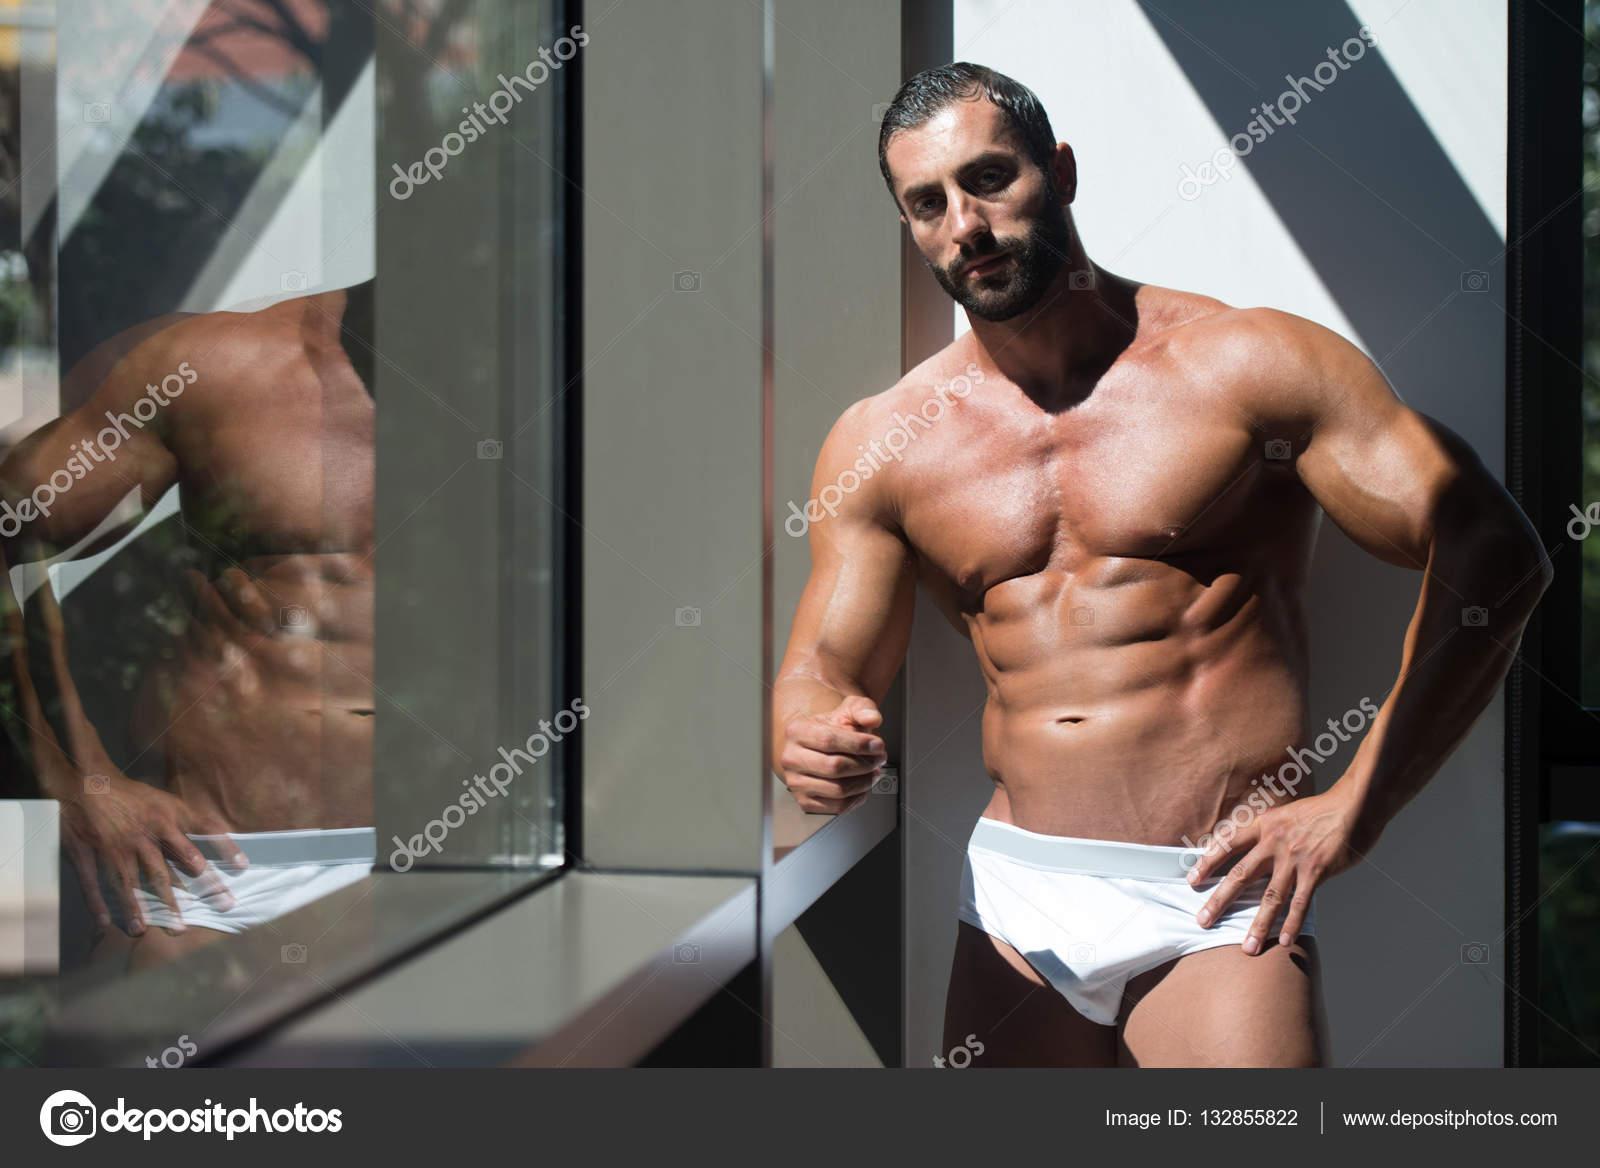 Hombres desnudos - Fotos im genes y v deos